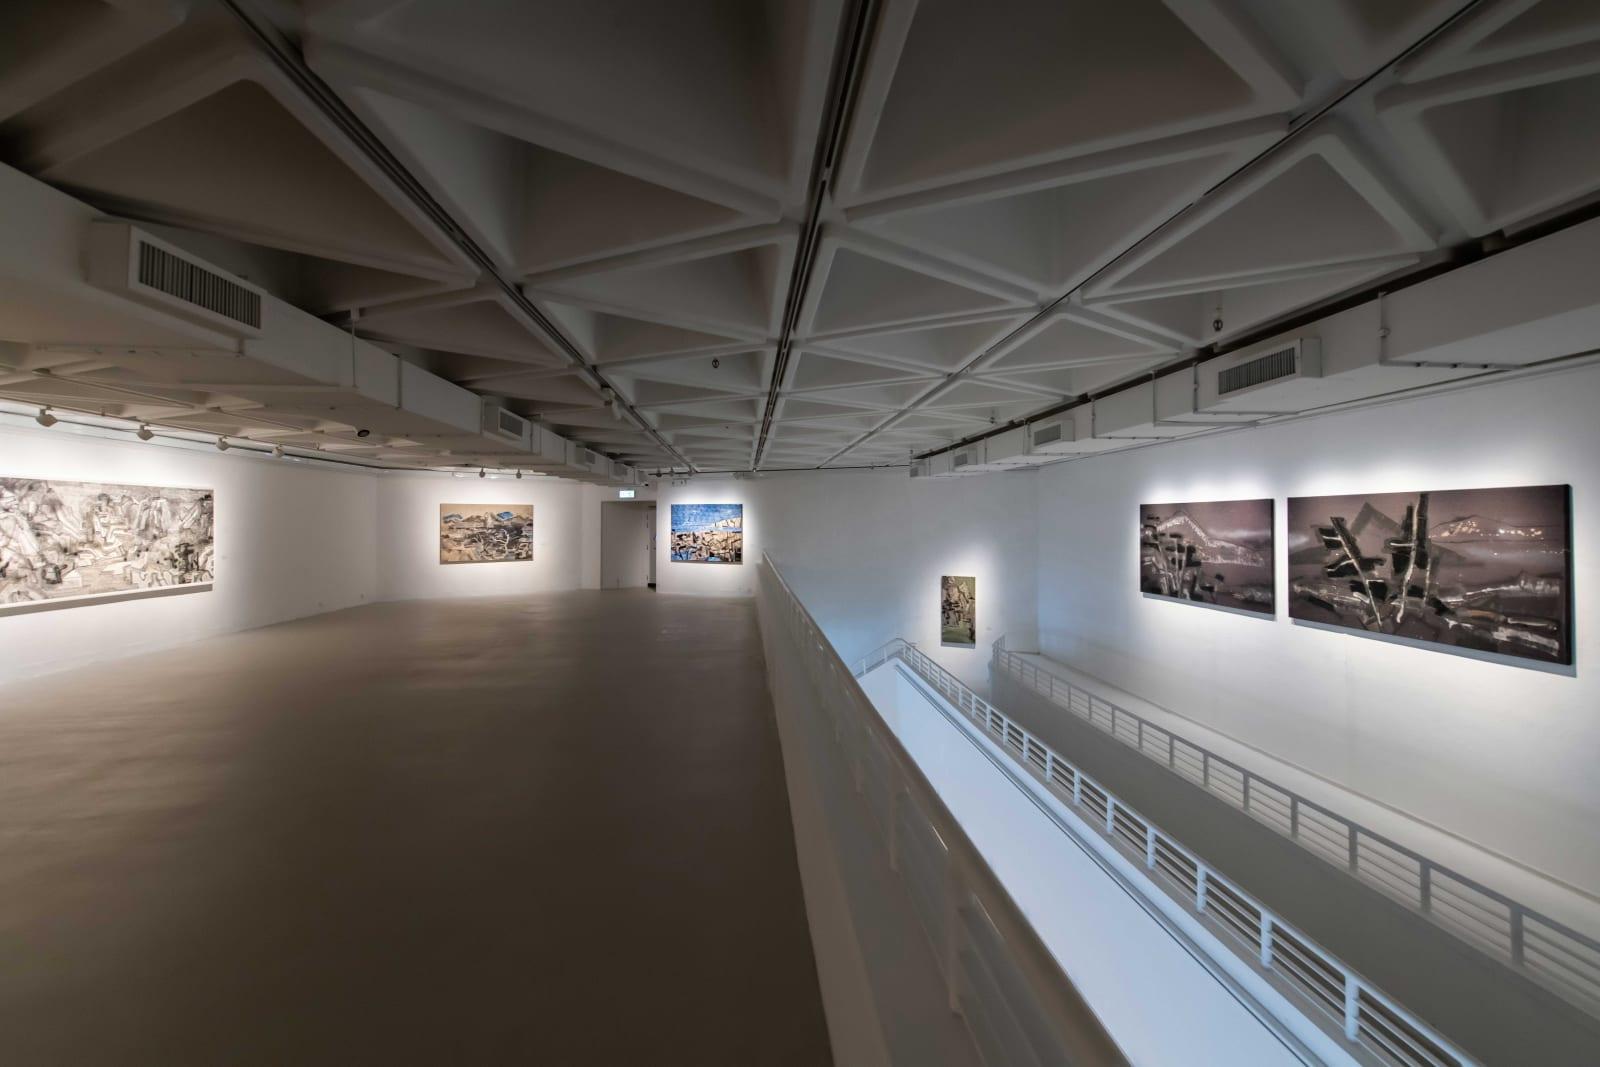 Grand Landscape: Wang Jieyin